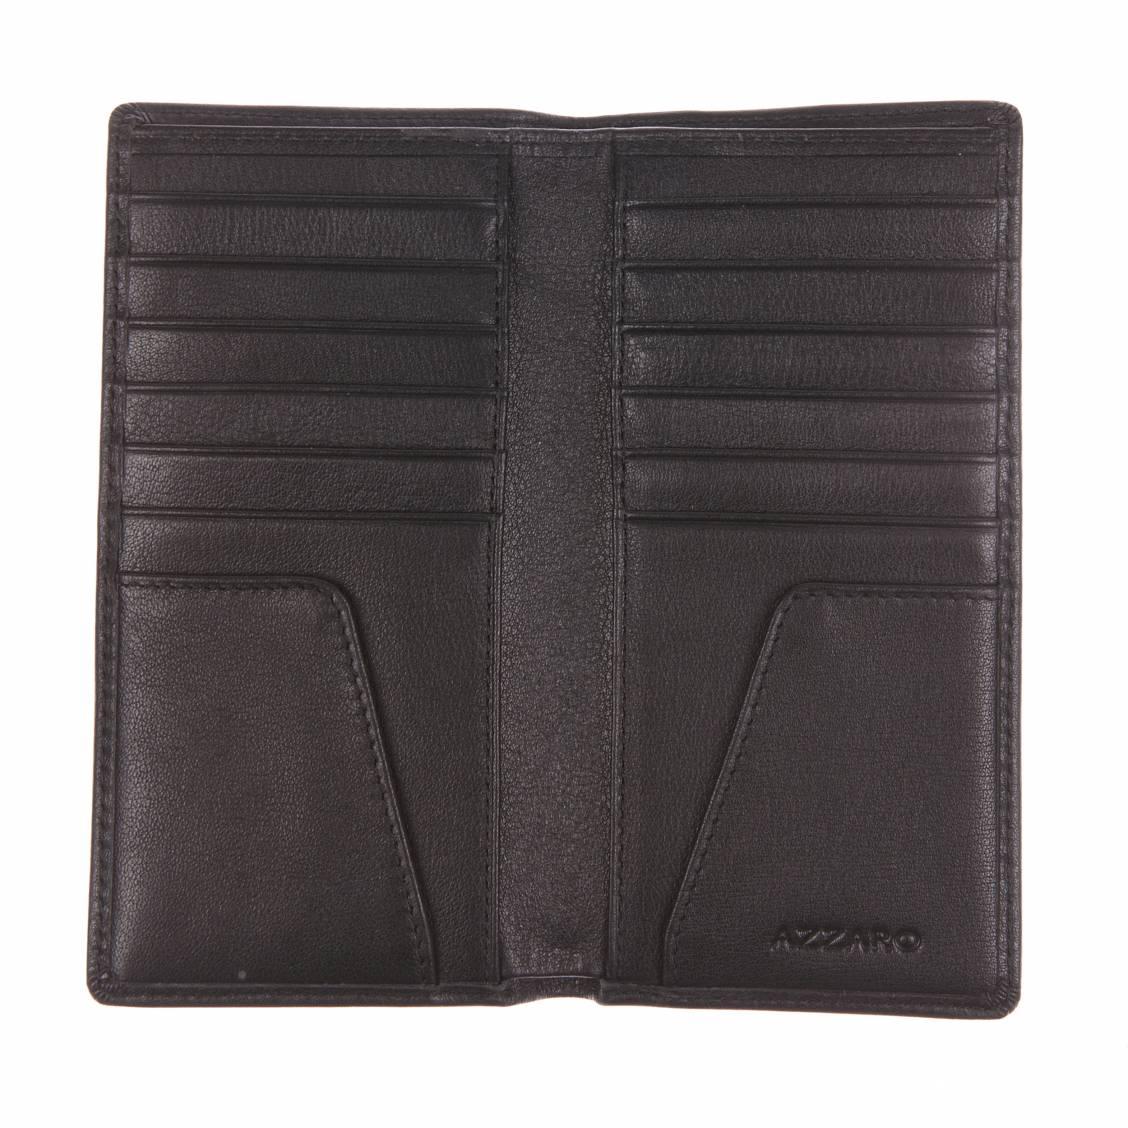 porte-cartes azzaro européen en cuir noir